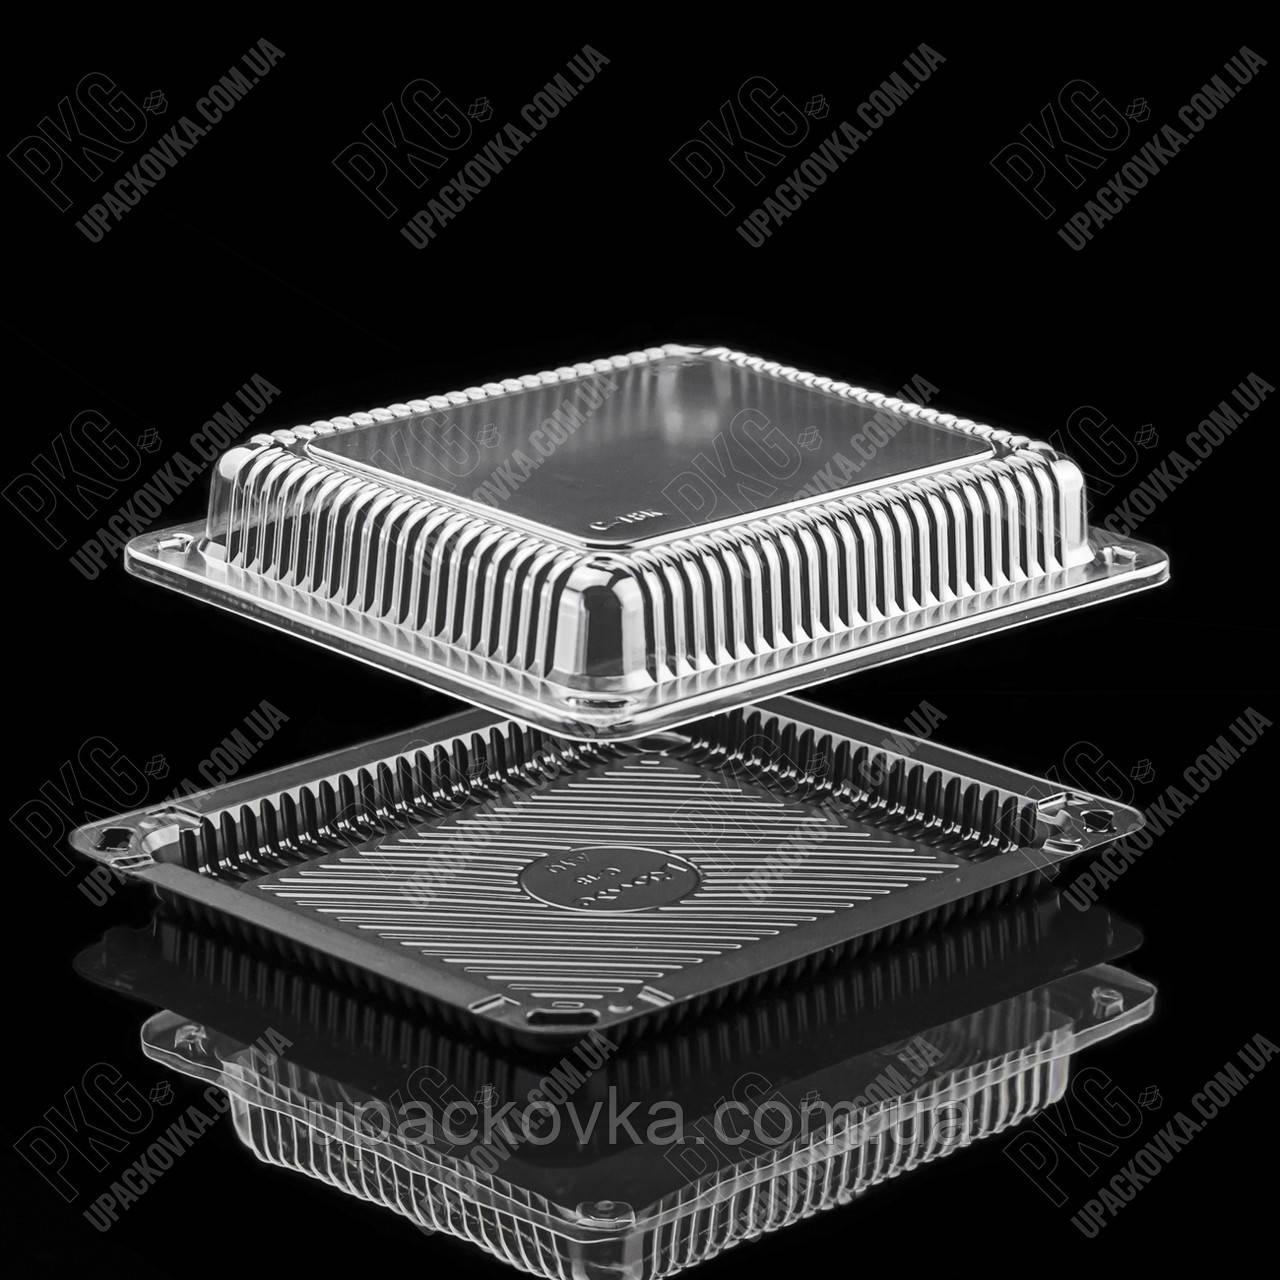 Пластиковая упаковка для суши и роллов С-18, 600 шт/уп